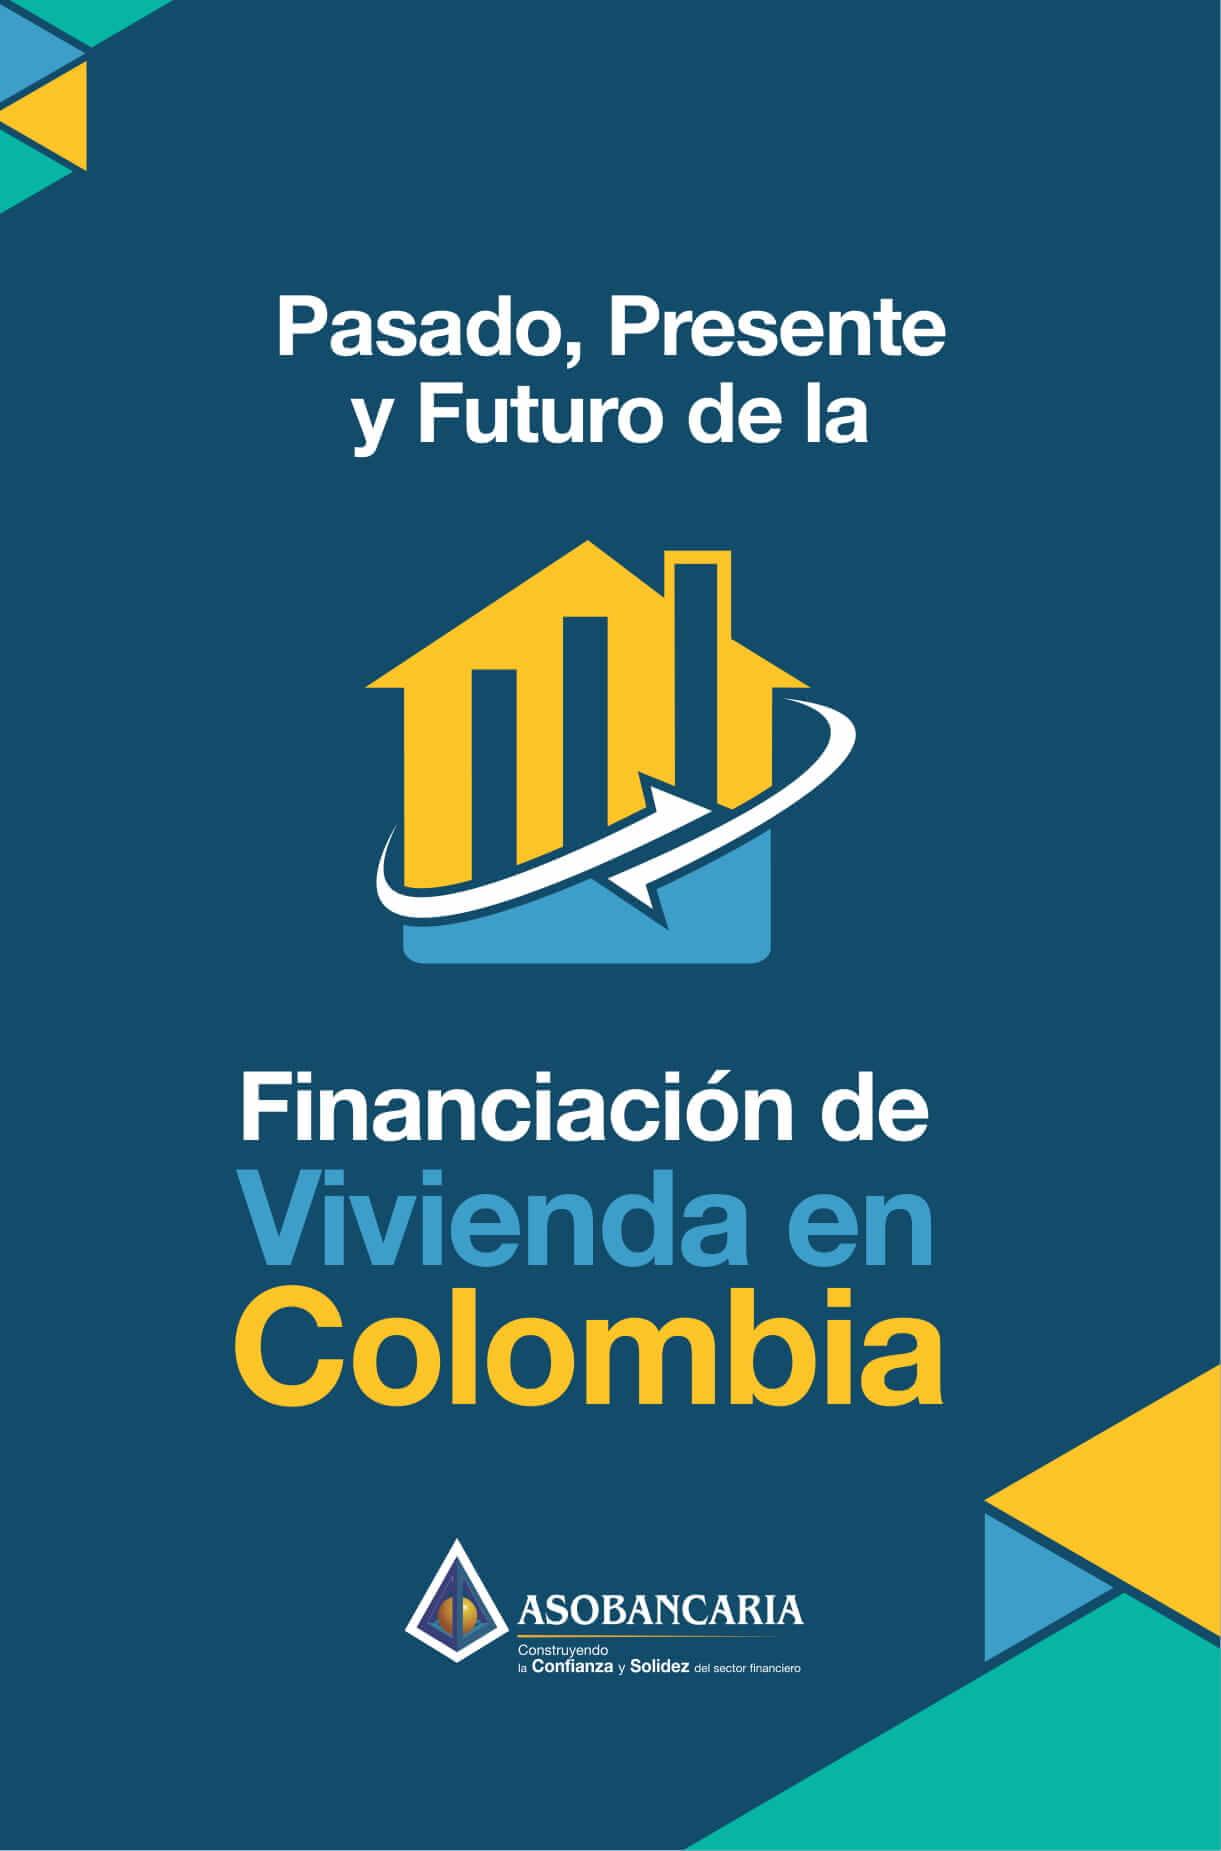 Pasado, Presente y Futuro de la Financiación en Vivienda en Colombia